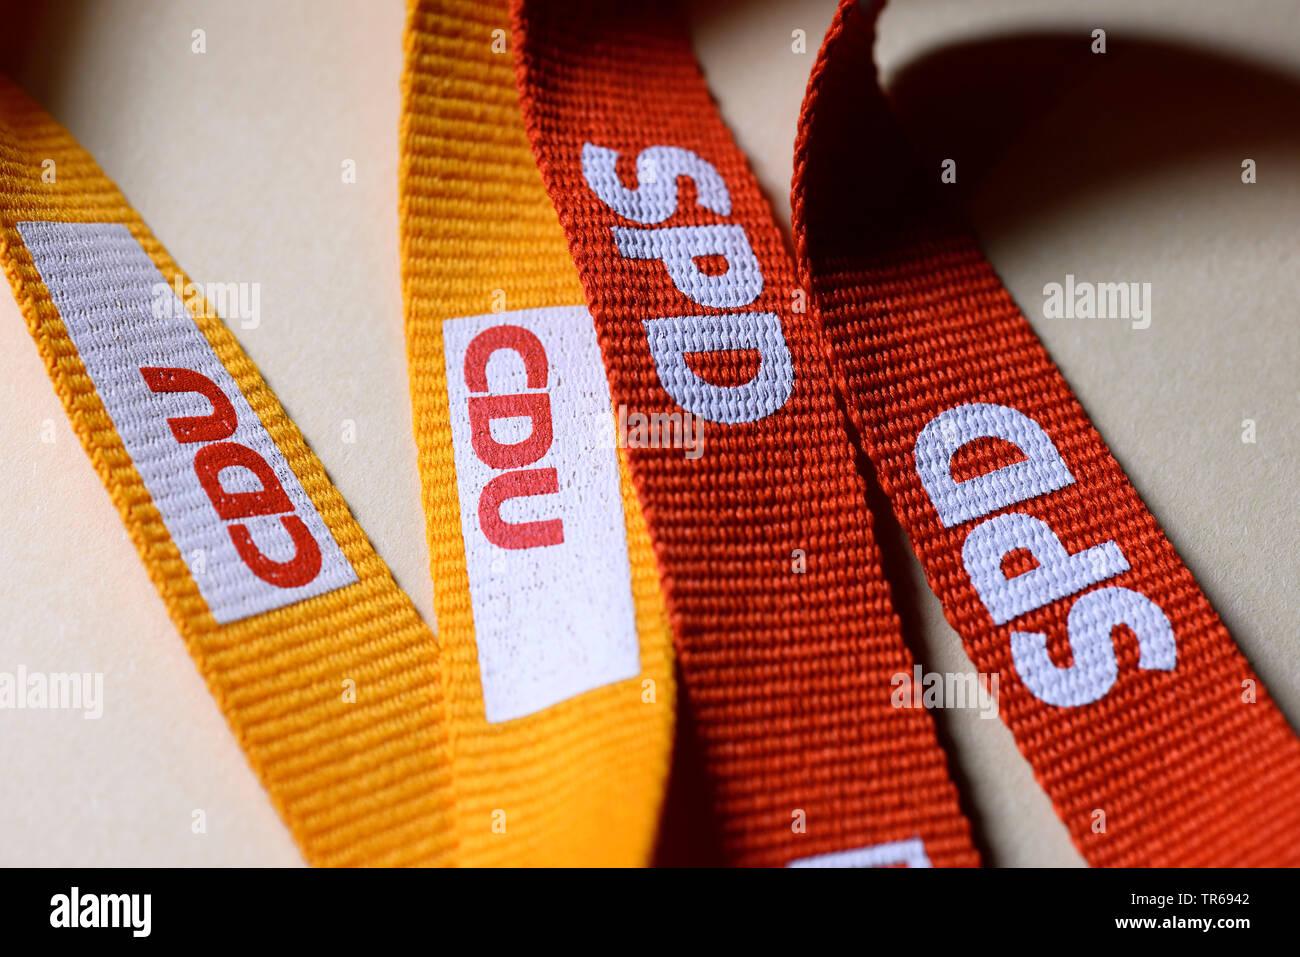 Baender mit den Logos von CDU und SPD, Symbolbild Grosse Koalition, Deutschland | wristlets with logos of CDU and SPD, grand coalition, Germany | BLWS - Stock Image